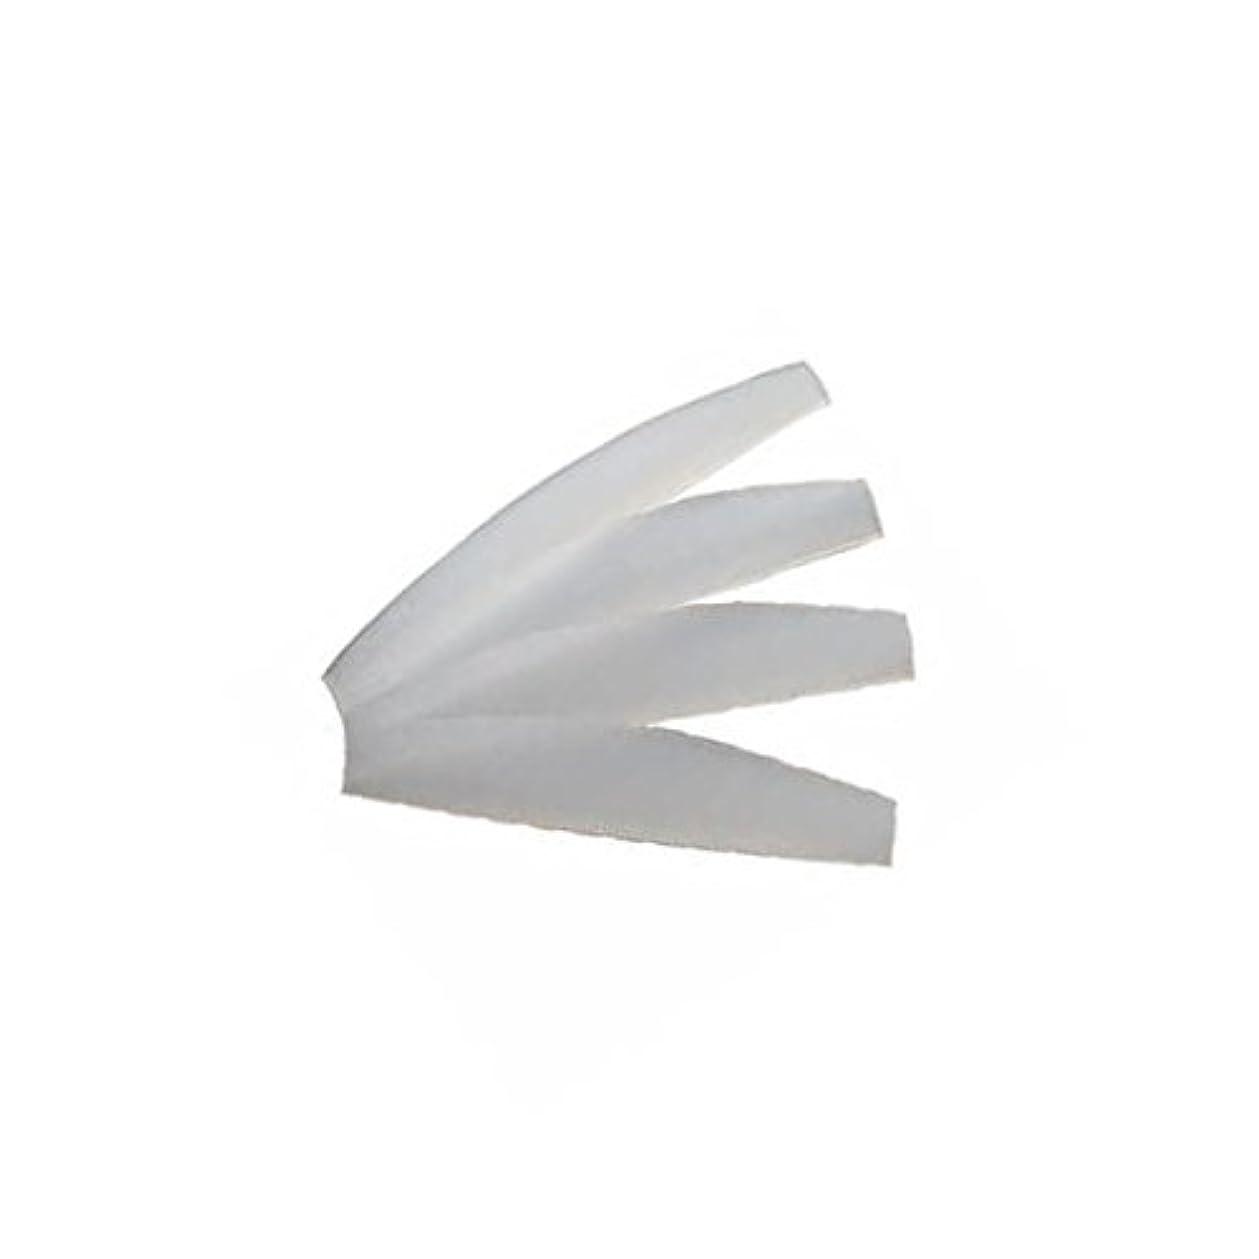 劇的レーダー練習した< CKL > 万能シリコンロット S 幅49×奥行9×高さ0.5~1.5mm 20枚 [ まつげカール まつげパーマロッド シリコンロット まつげエクステ まつ毛エクステ まつエク マツエク ]